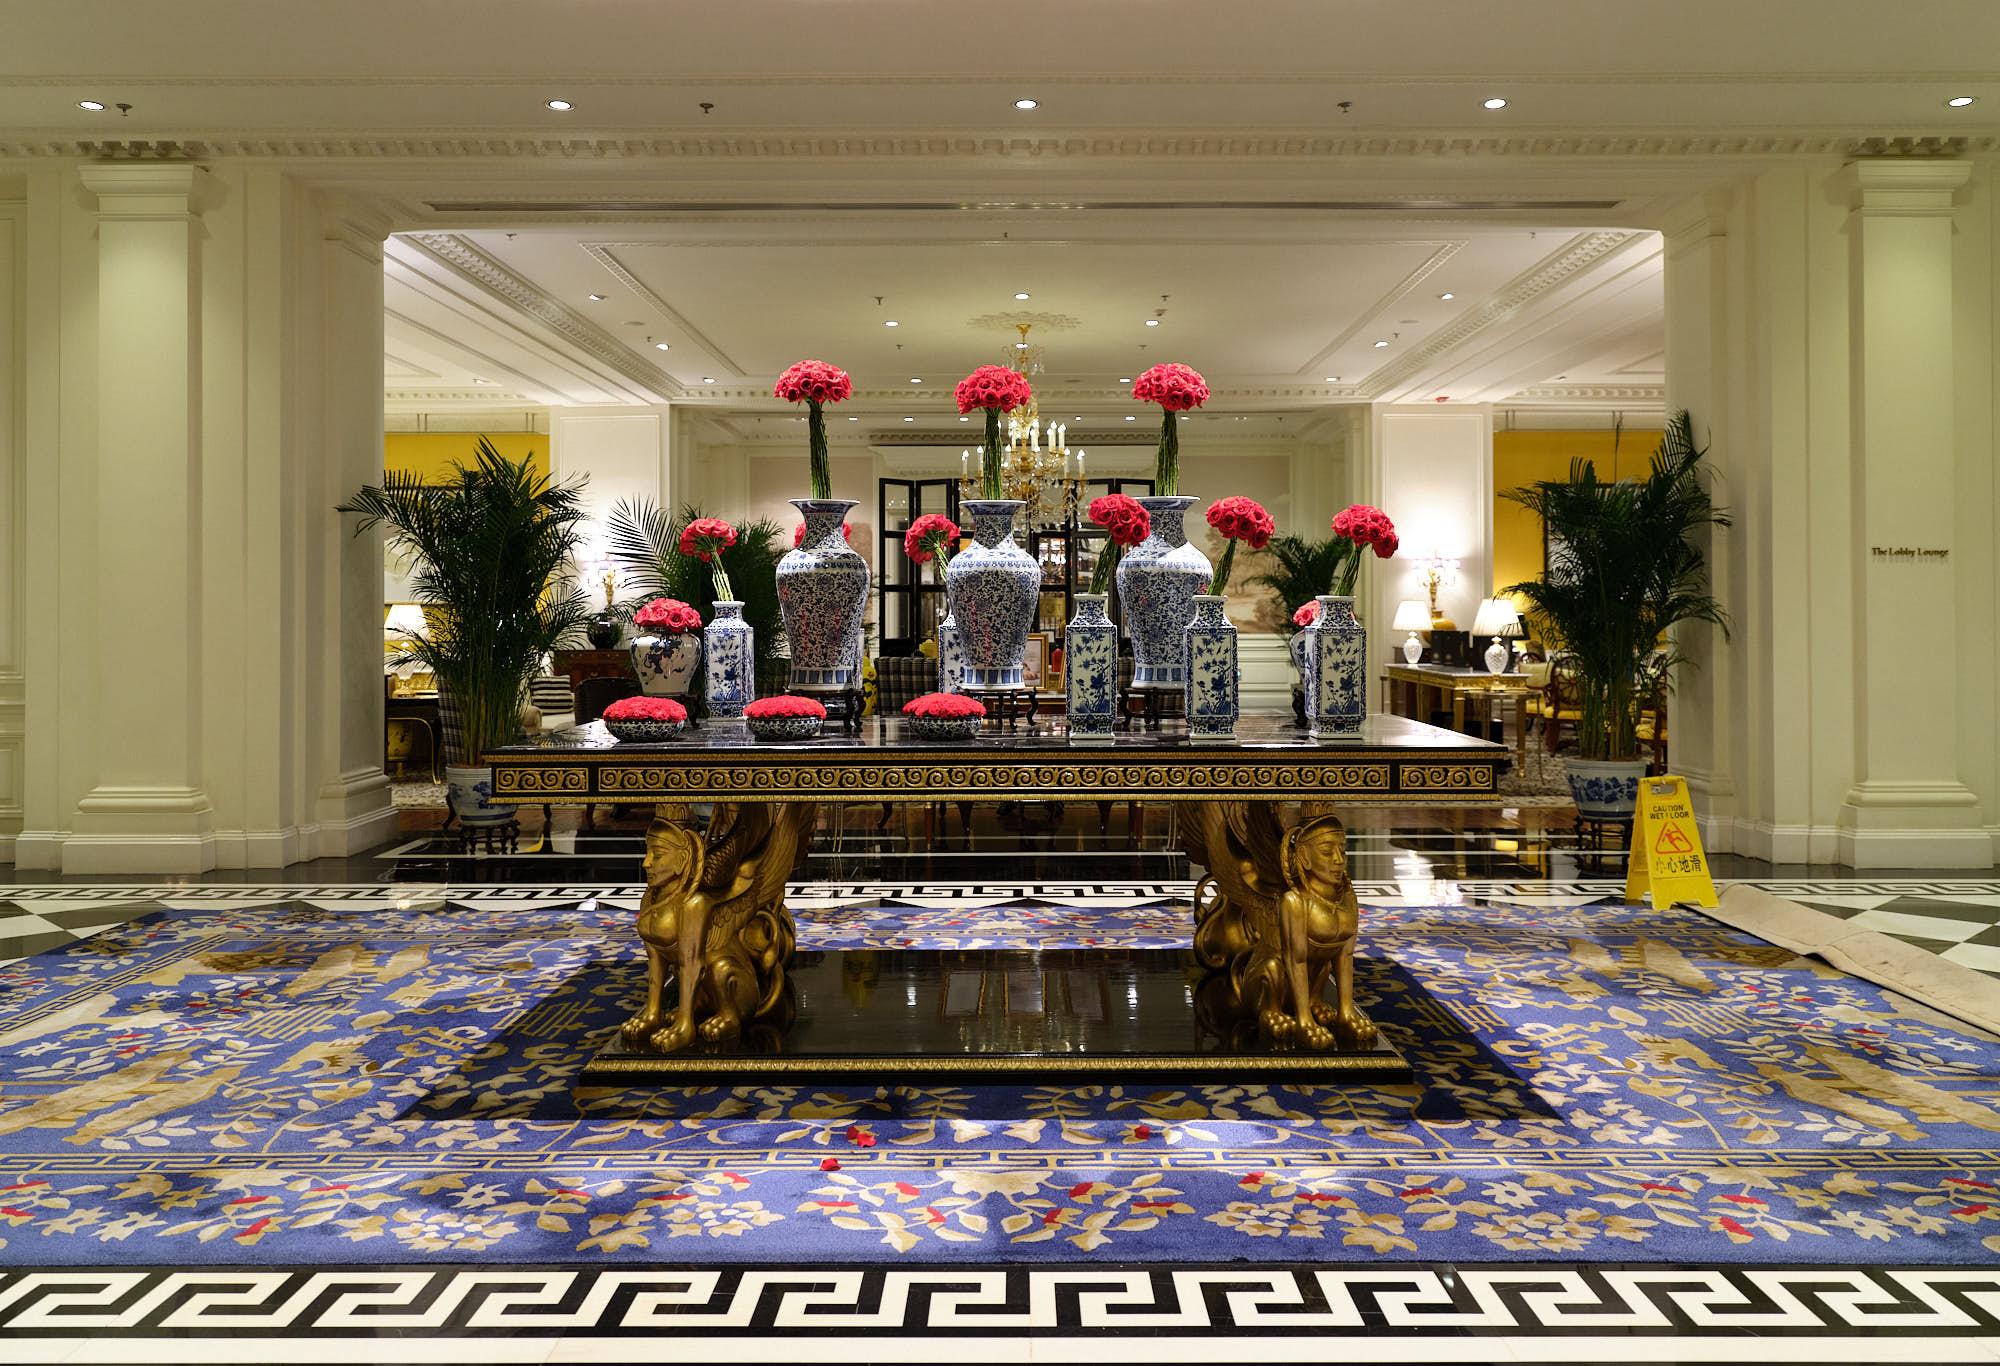 Interior lobby of the Ritz Carlton Tianjin, China